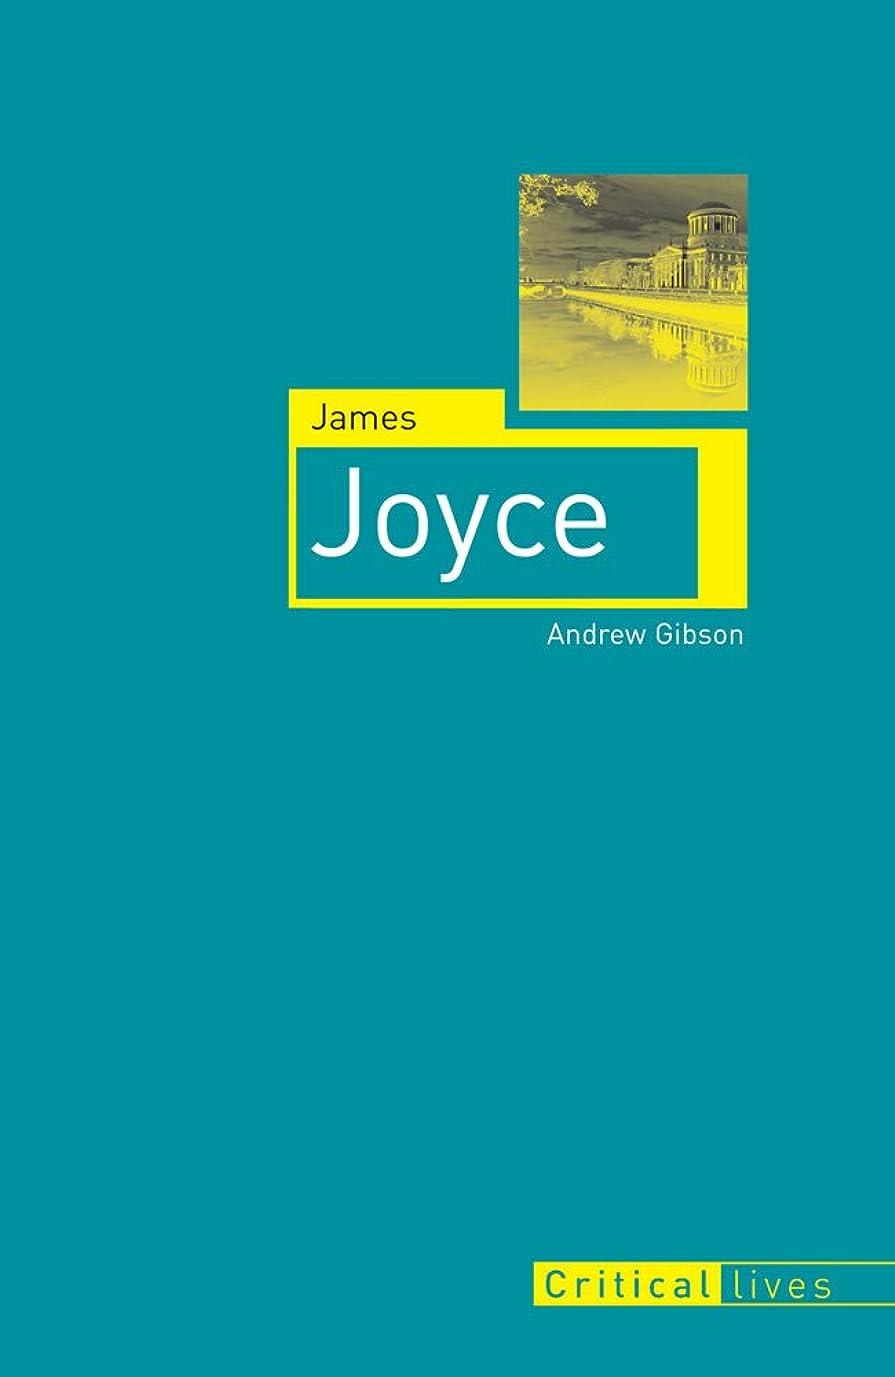 クレーター垂直ディレクトリJames Joyce (Critical Lives) (English Edition)